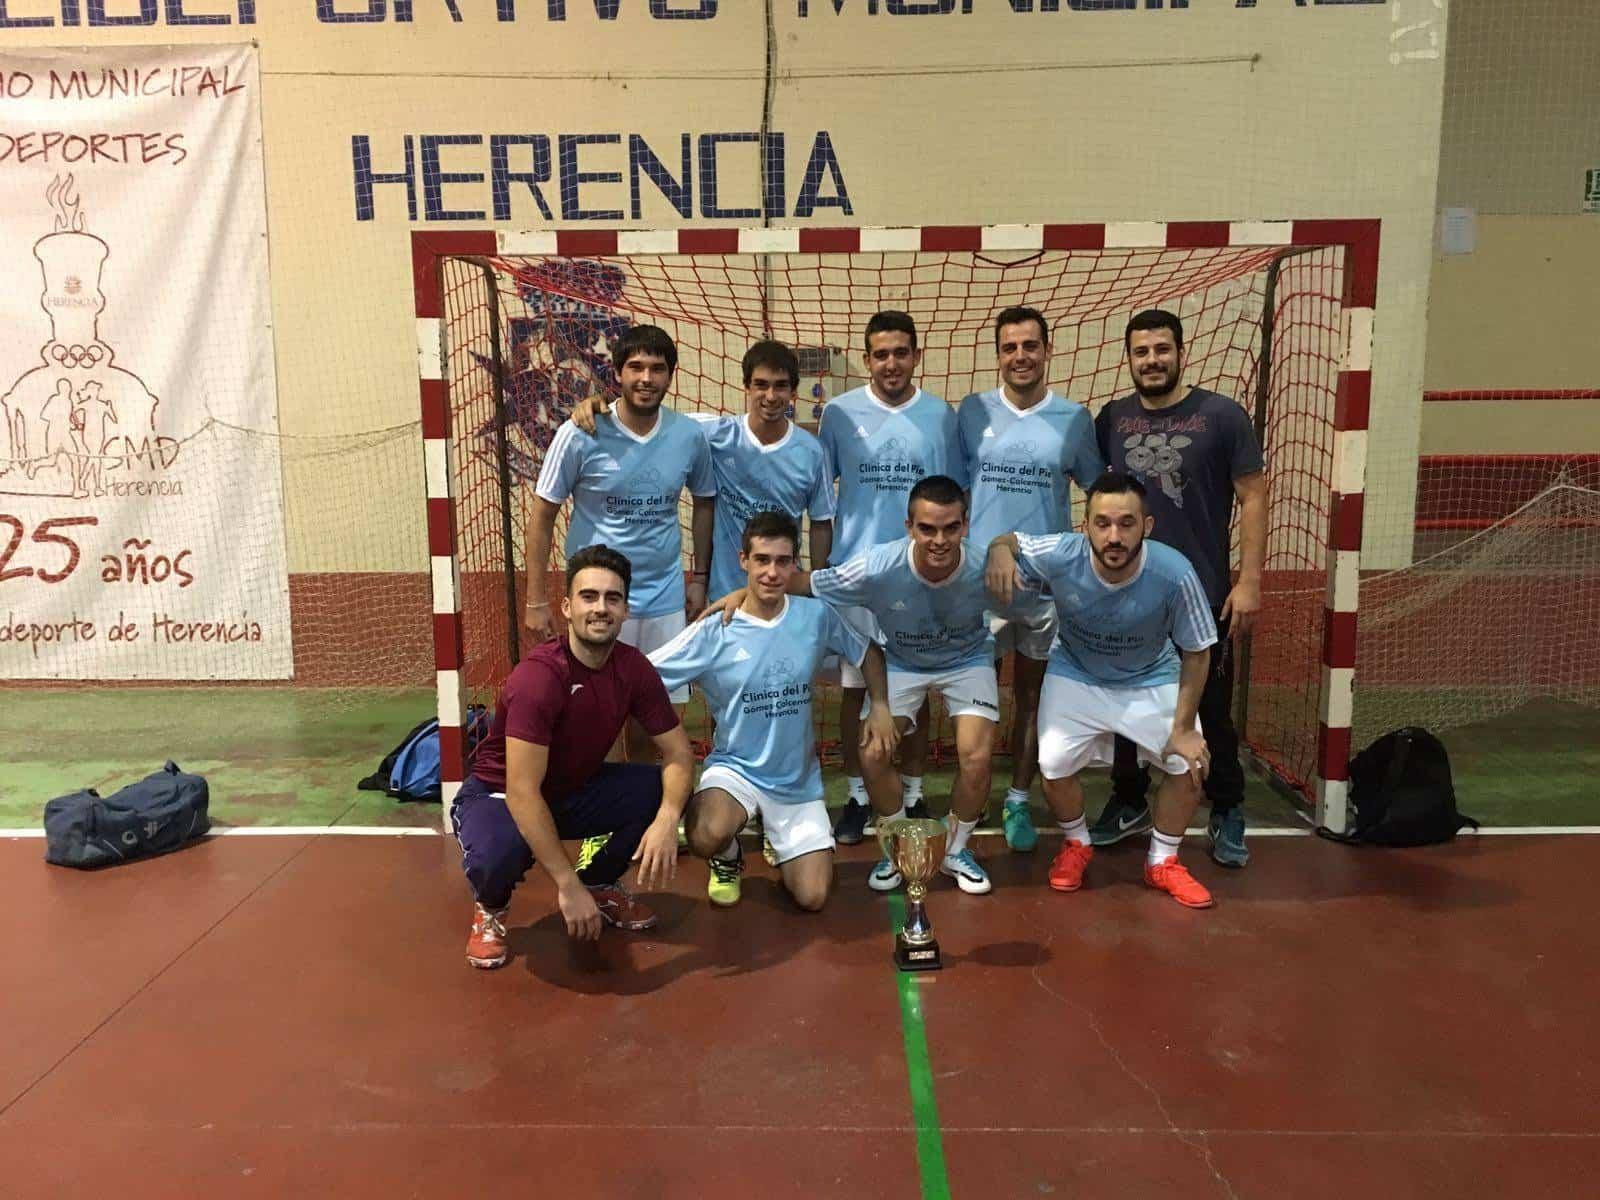 Besolla F. S. campeón de la liga de fútbol sala de verano 1